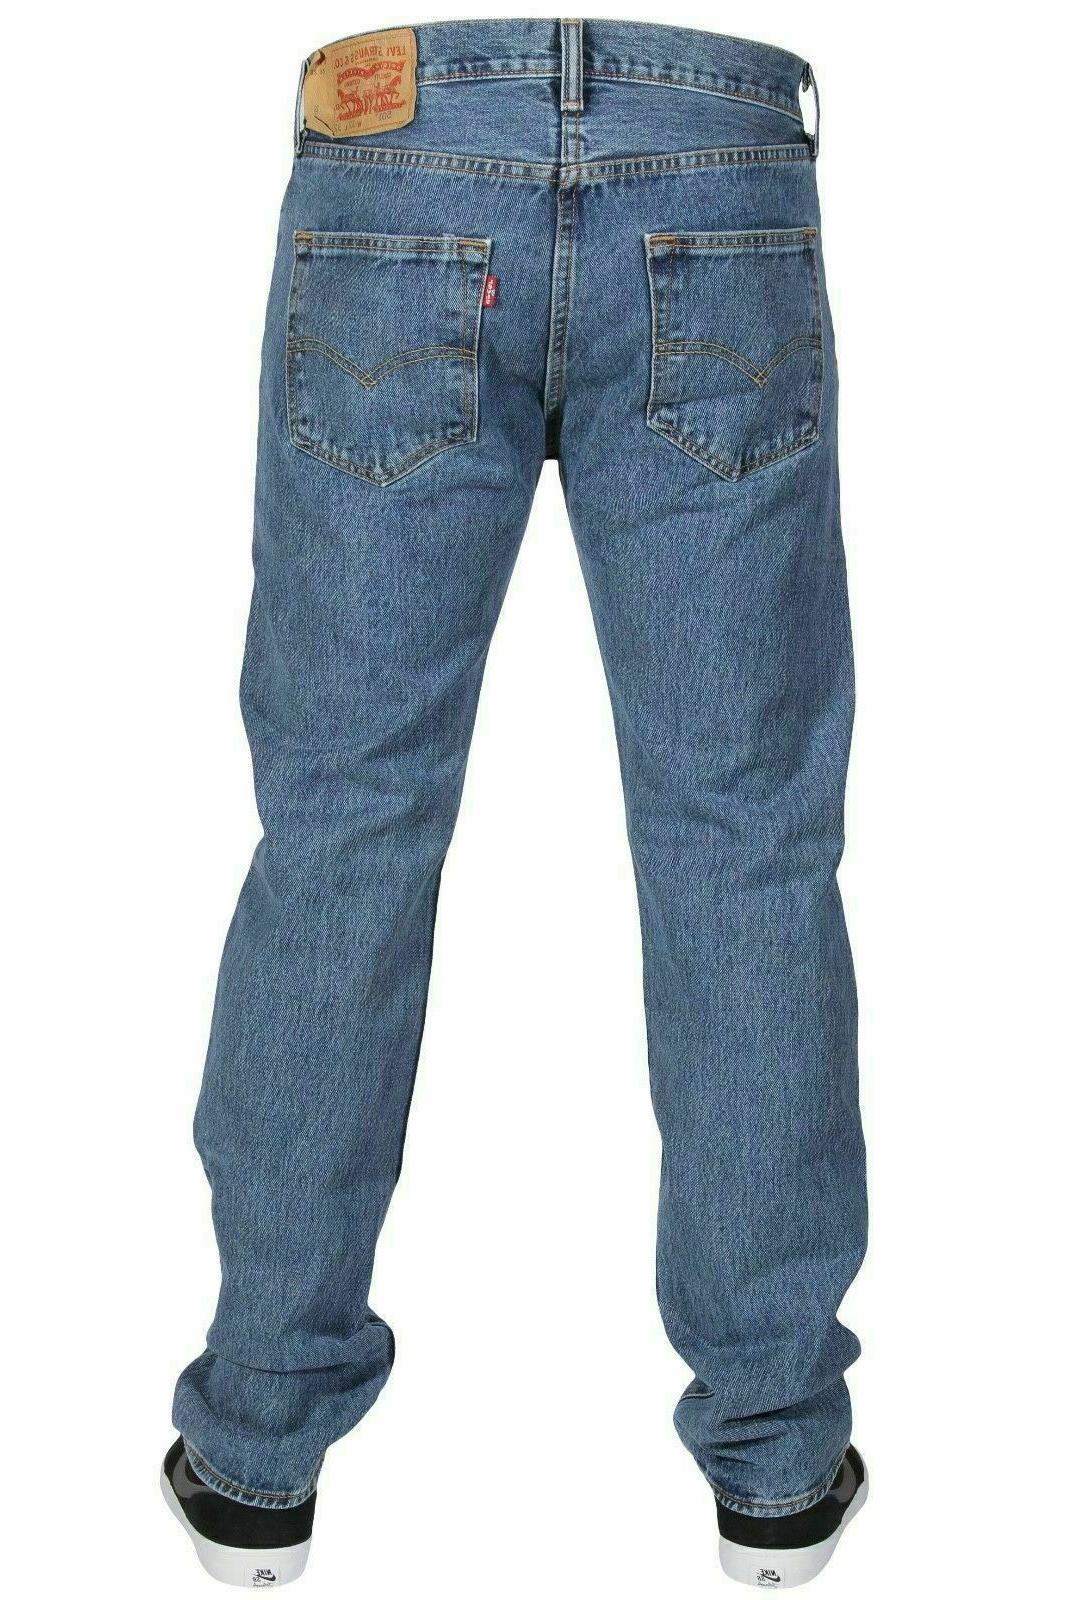 Levis Levi's Original Straight Leg Denim Medium #0193